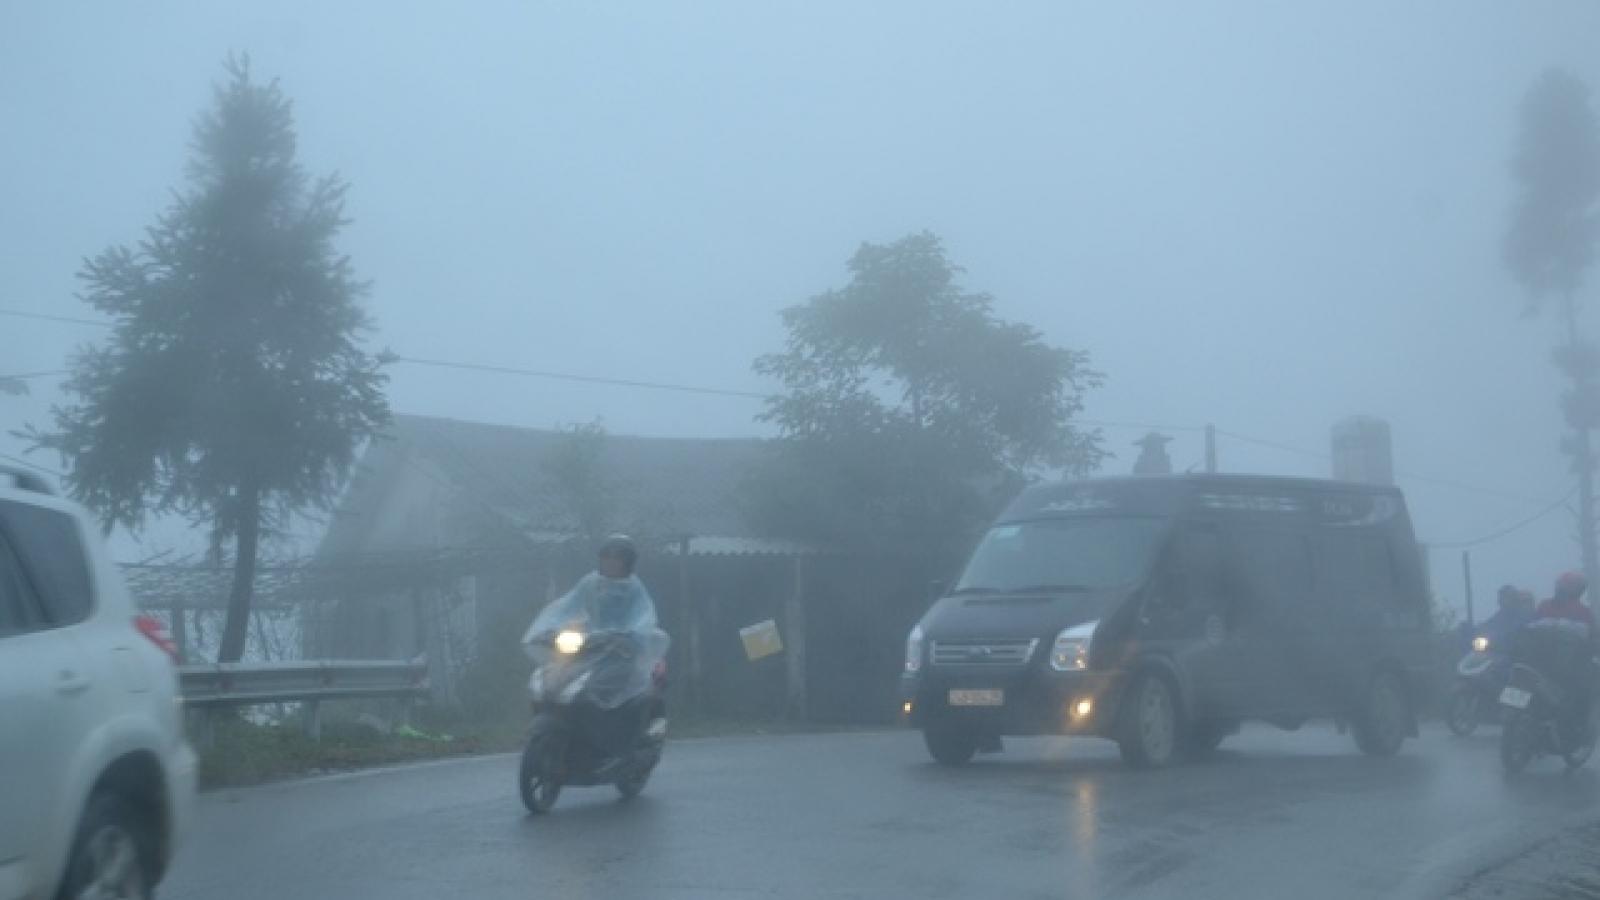 Nhiệt độ xuống 7 độ C, Sa Pa chìm trong sương mù, rét tê tái